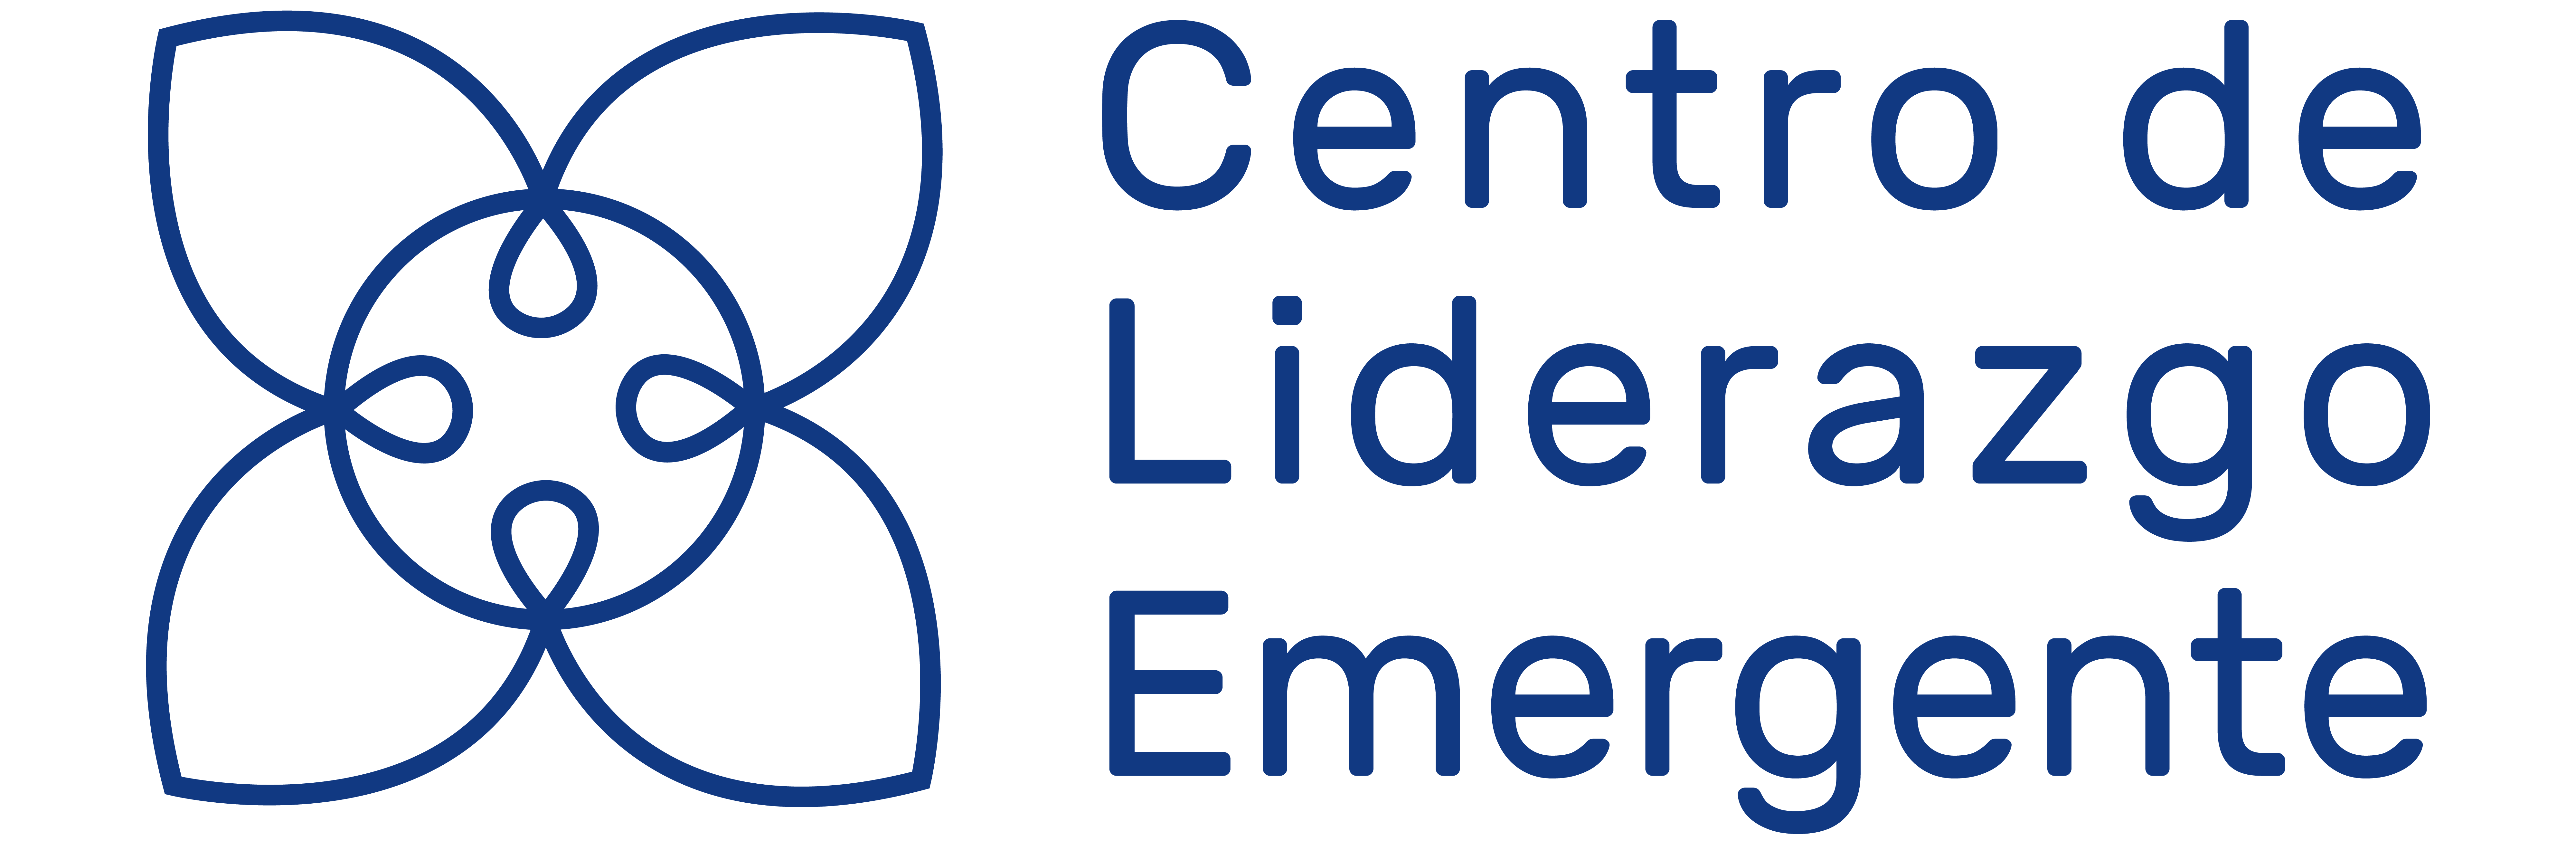 Centro de Liderazgo Emergente